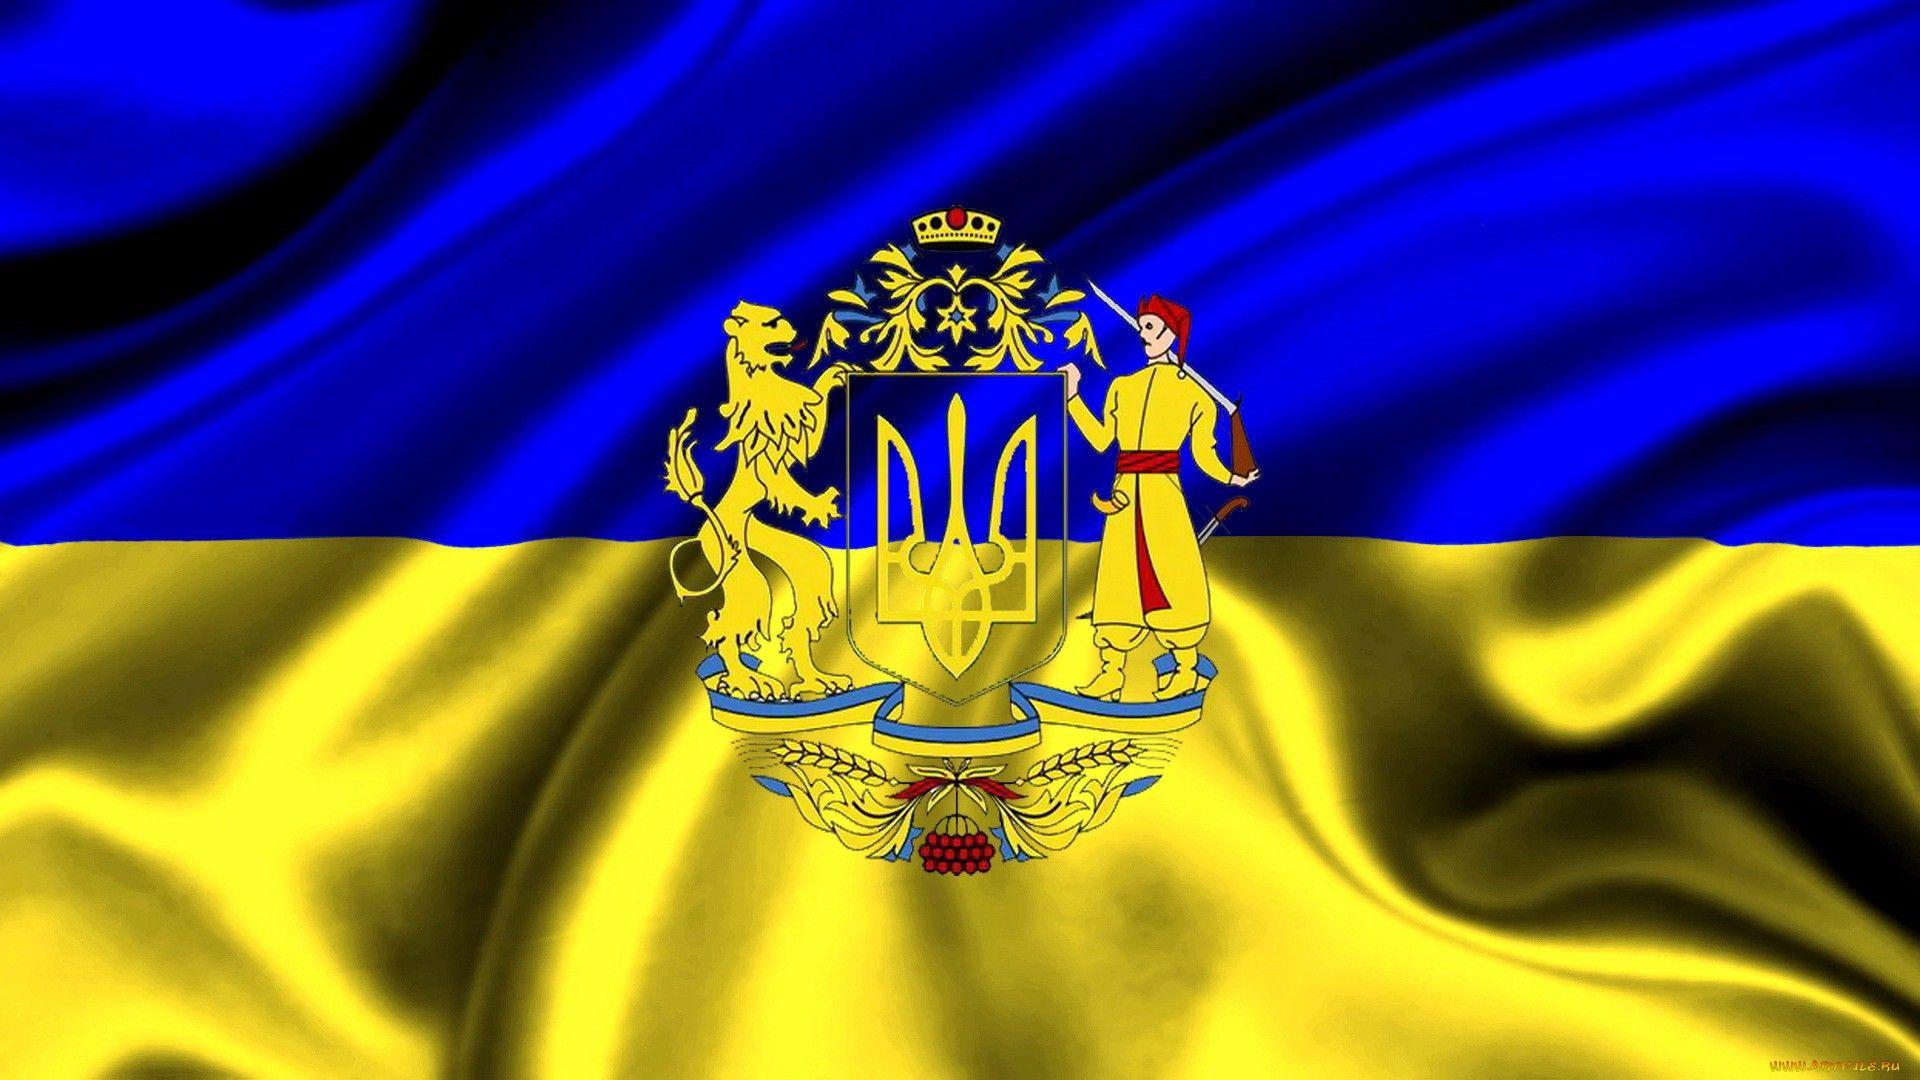 стало сочетание картинки герба и флага украины можно приготовить